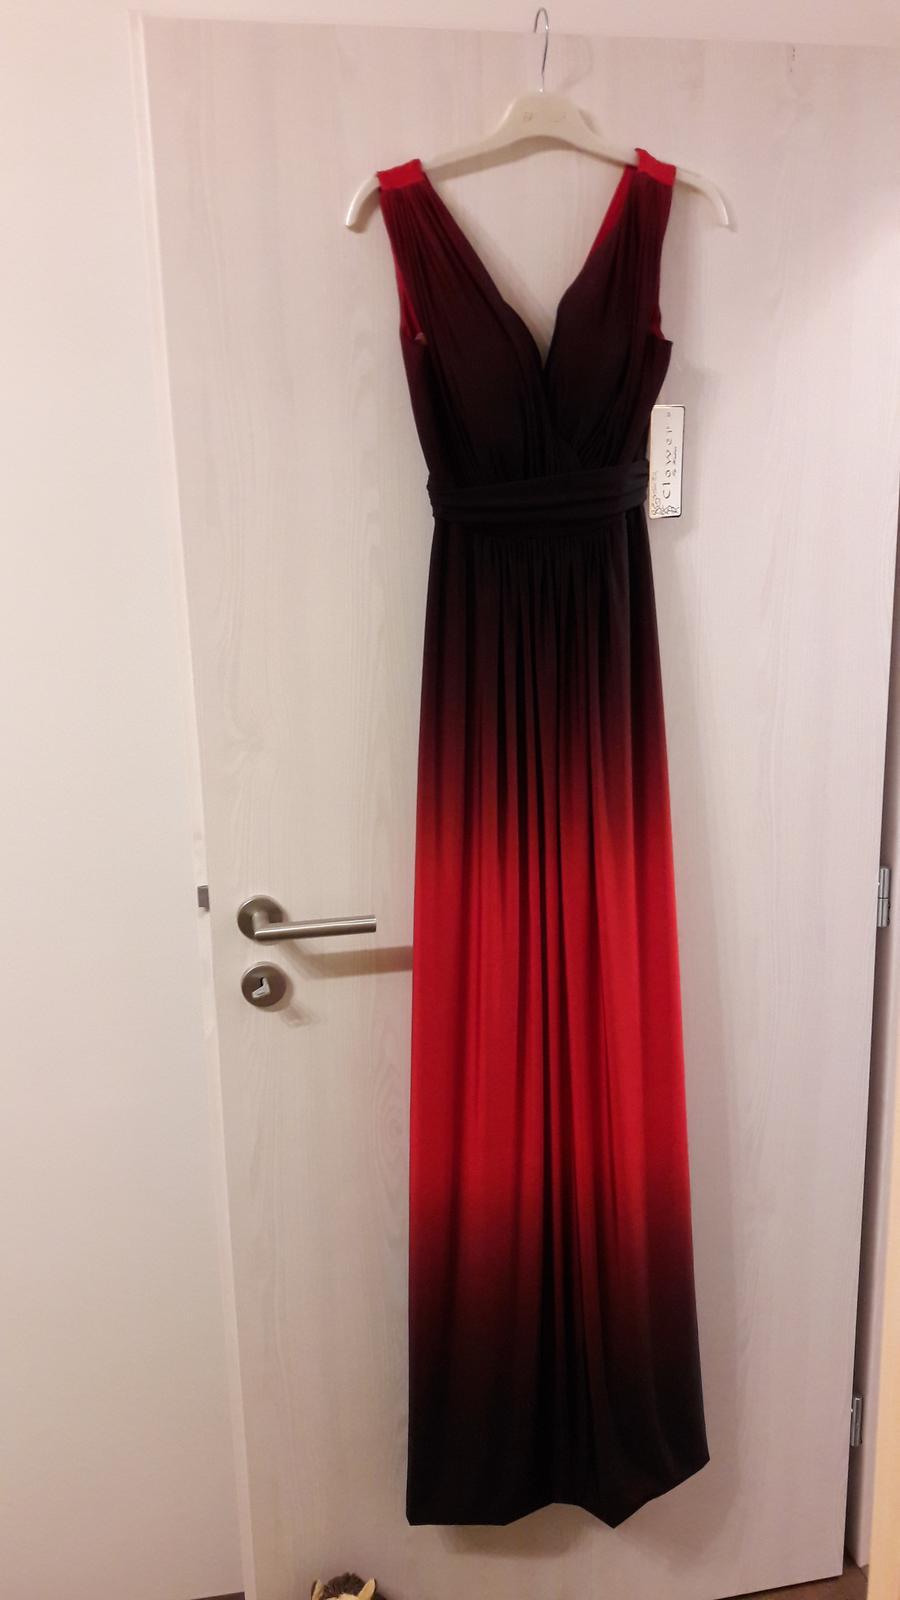 b7024c193e08 Spoločenské šaty dlhé